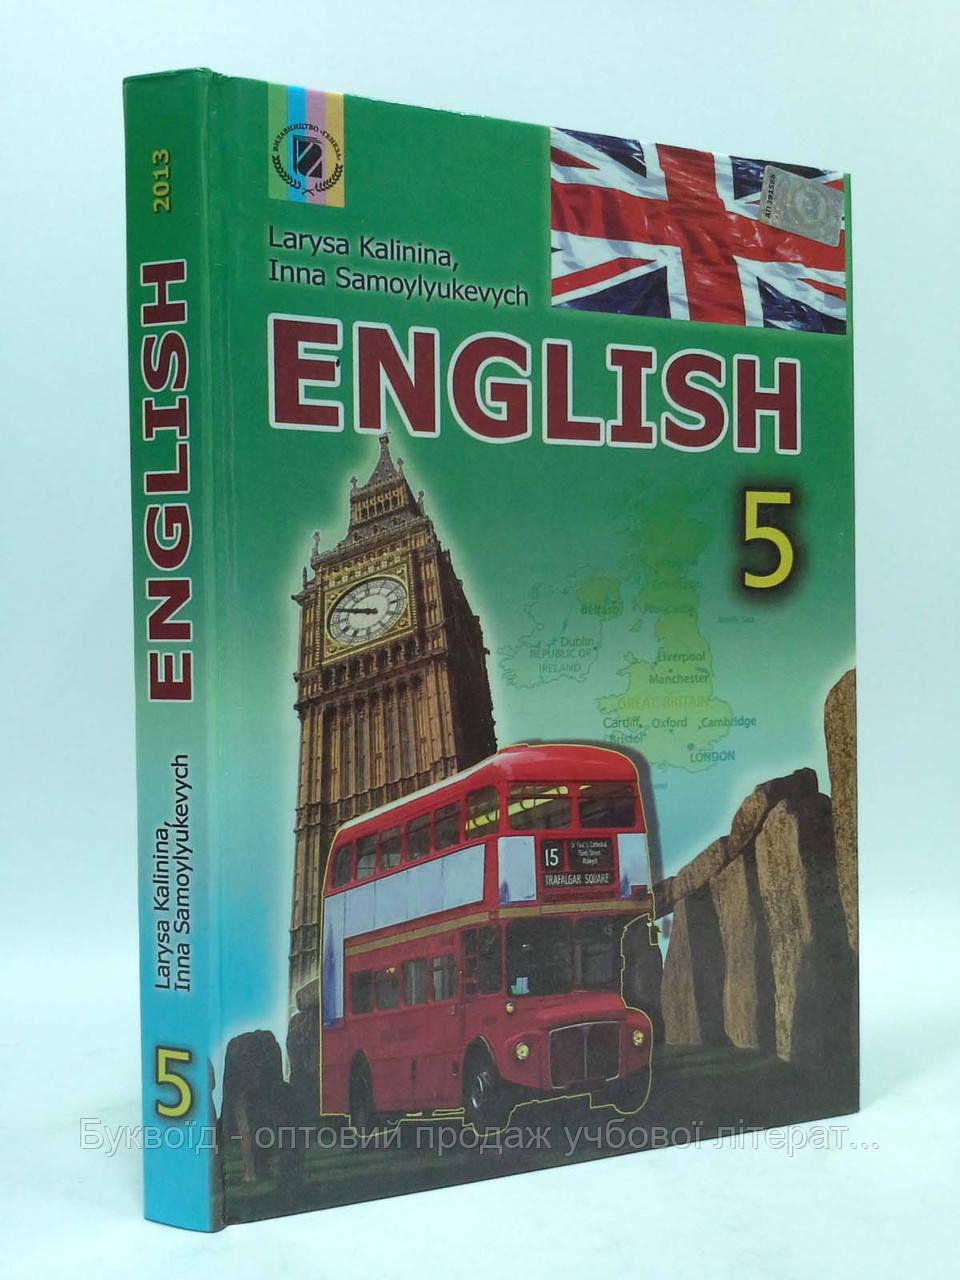 Англійська мова 5 клас Підручник для спеціалізованих шкіл Калініна Генеза ISBN 978-966-11-0252-0